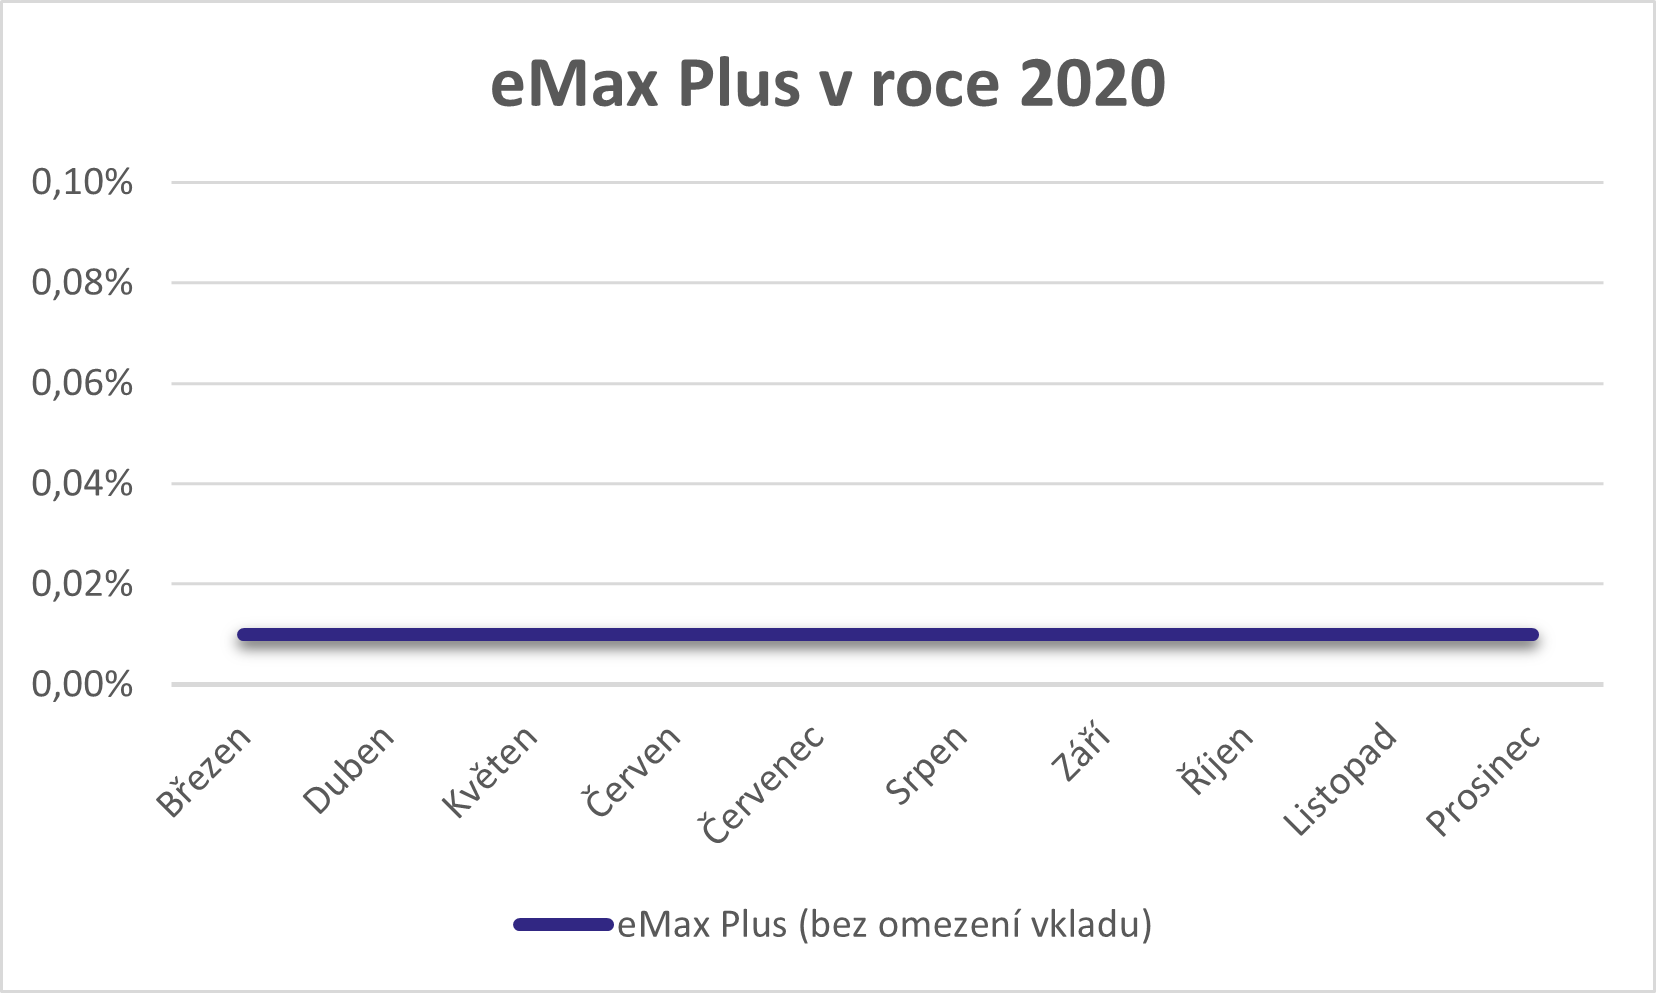 eMax Plus 2020